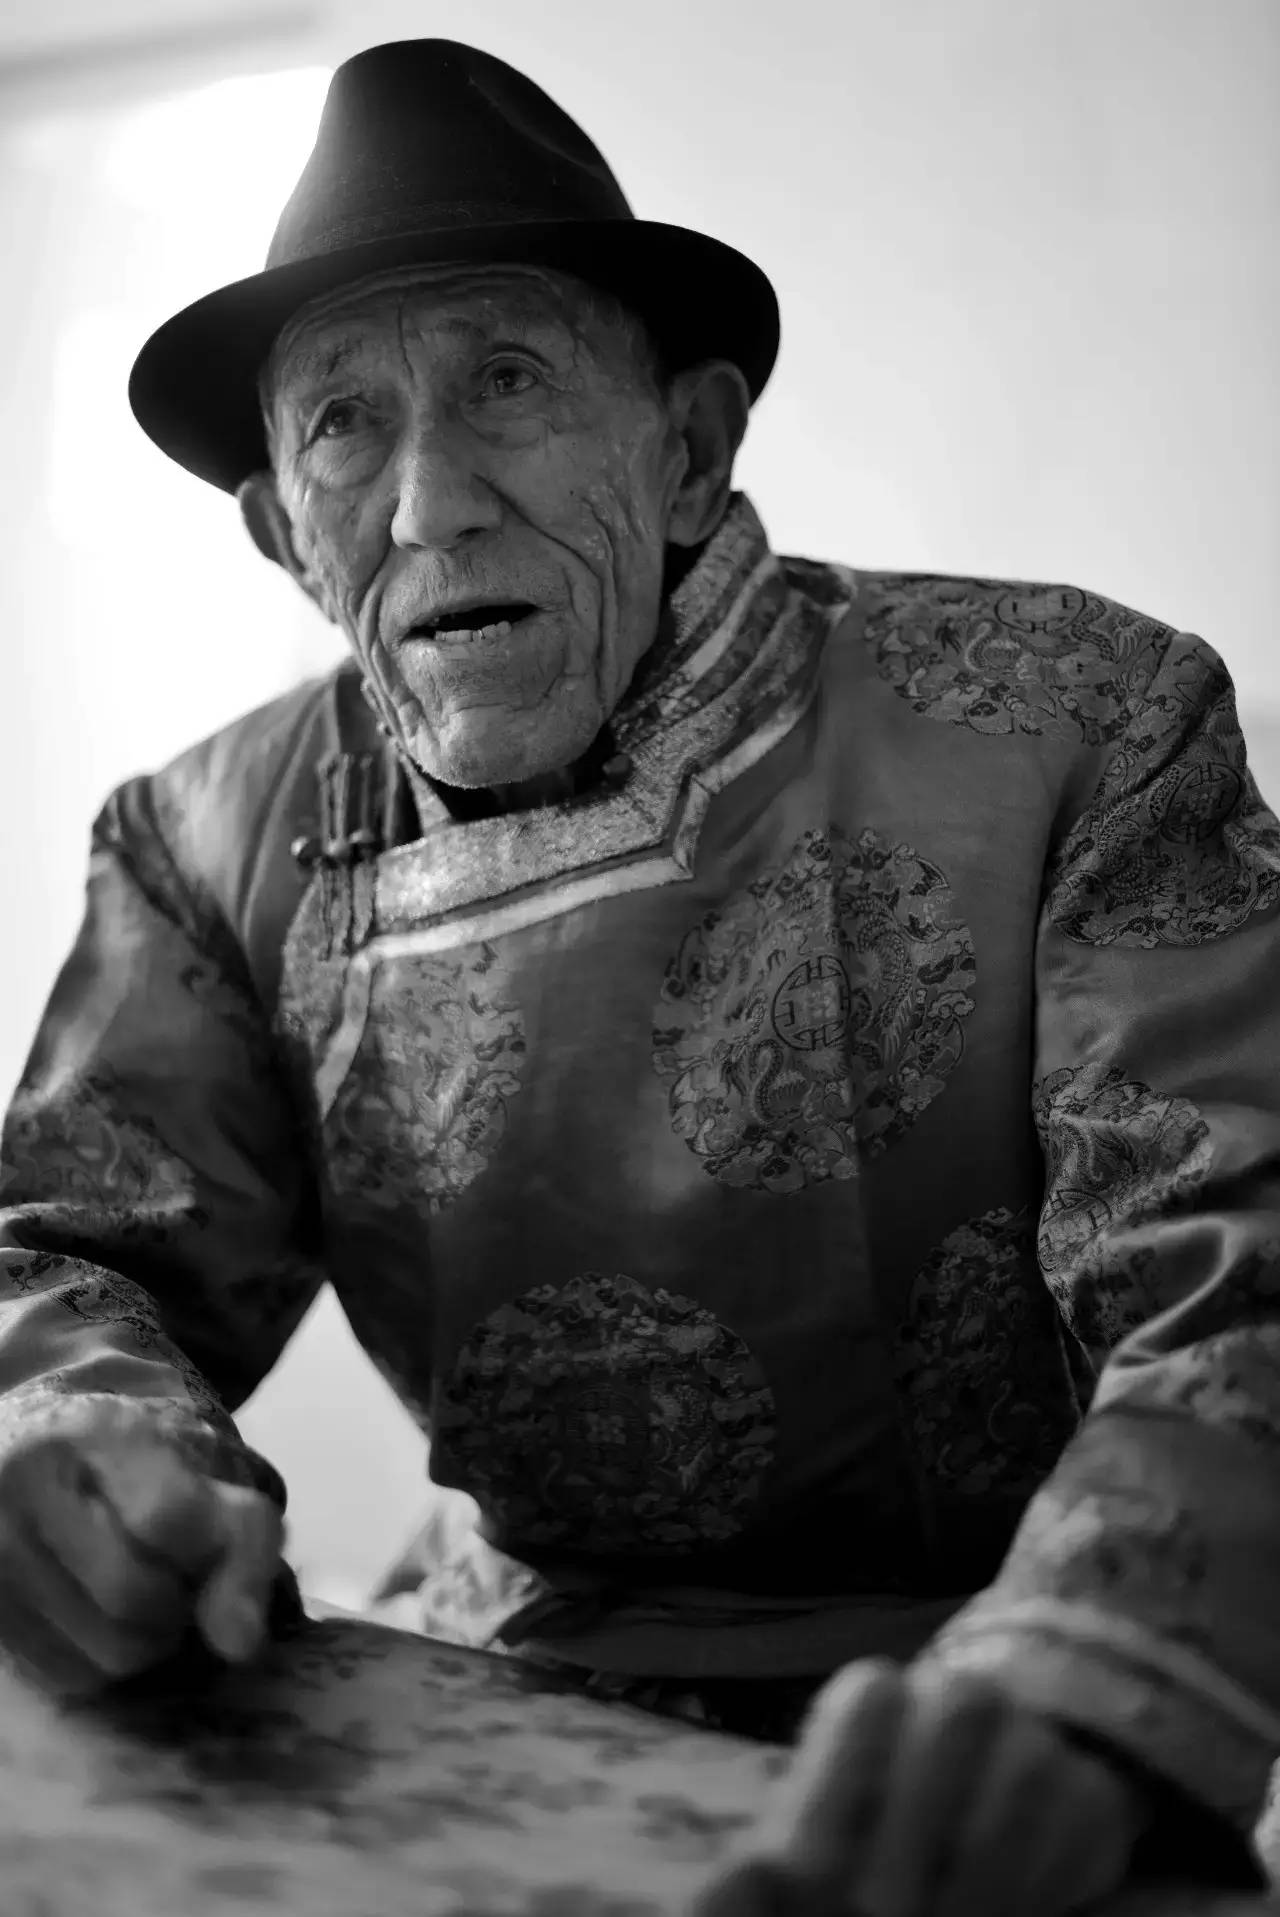 【ANU美图】摄影师吉雅:传统蒙古族牧民黑白纪实作品欣赏 第6张